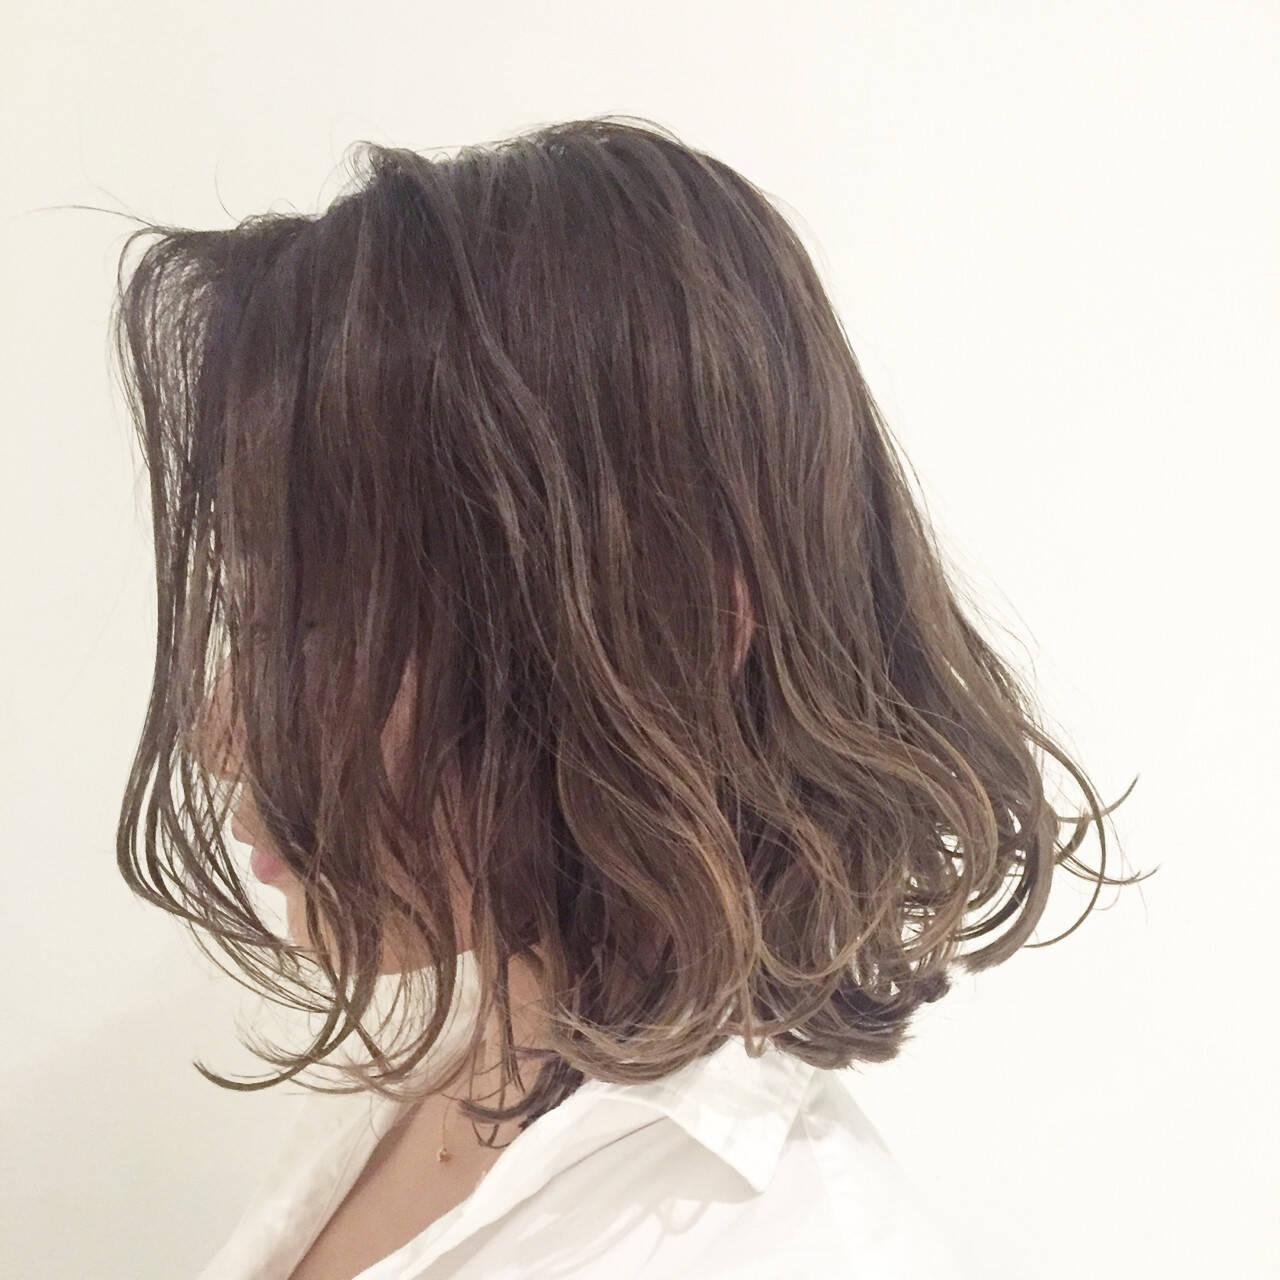 ミディアム ロブ ハイライト 外国人風カラーヘアスタイルや髪型の写真・画像